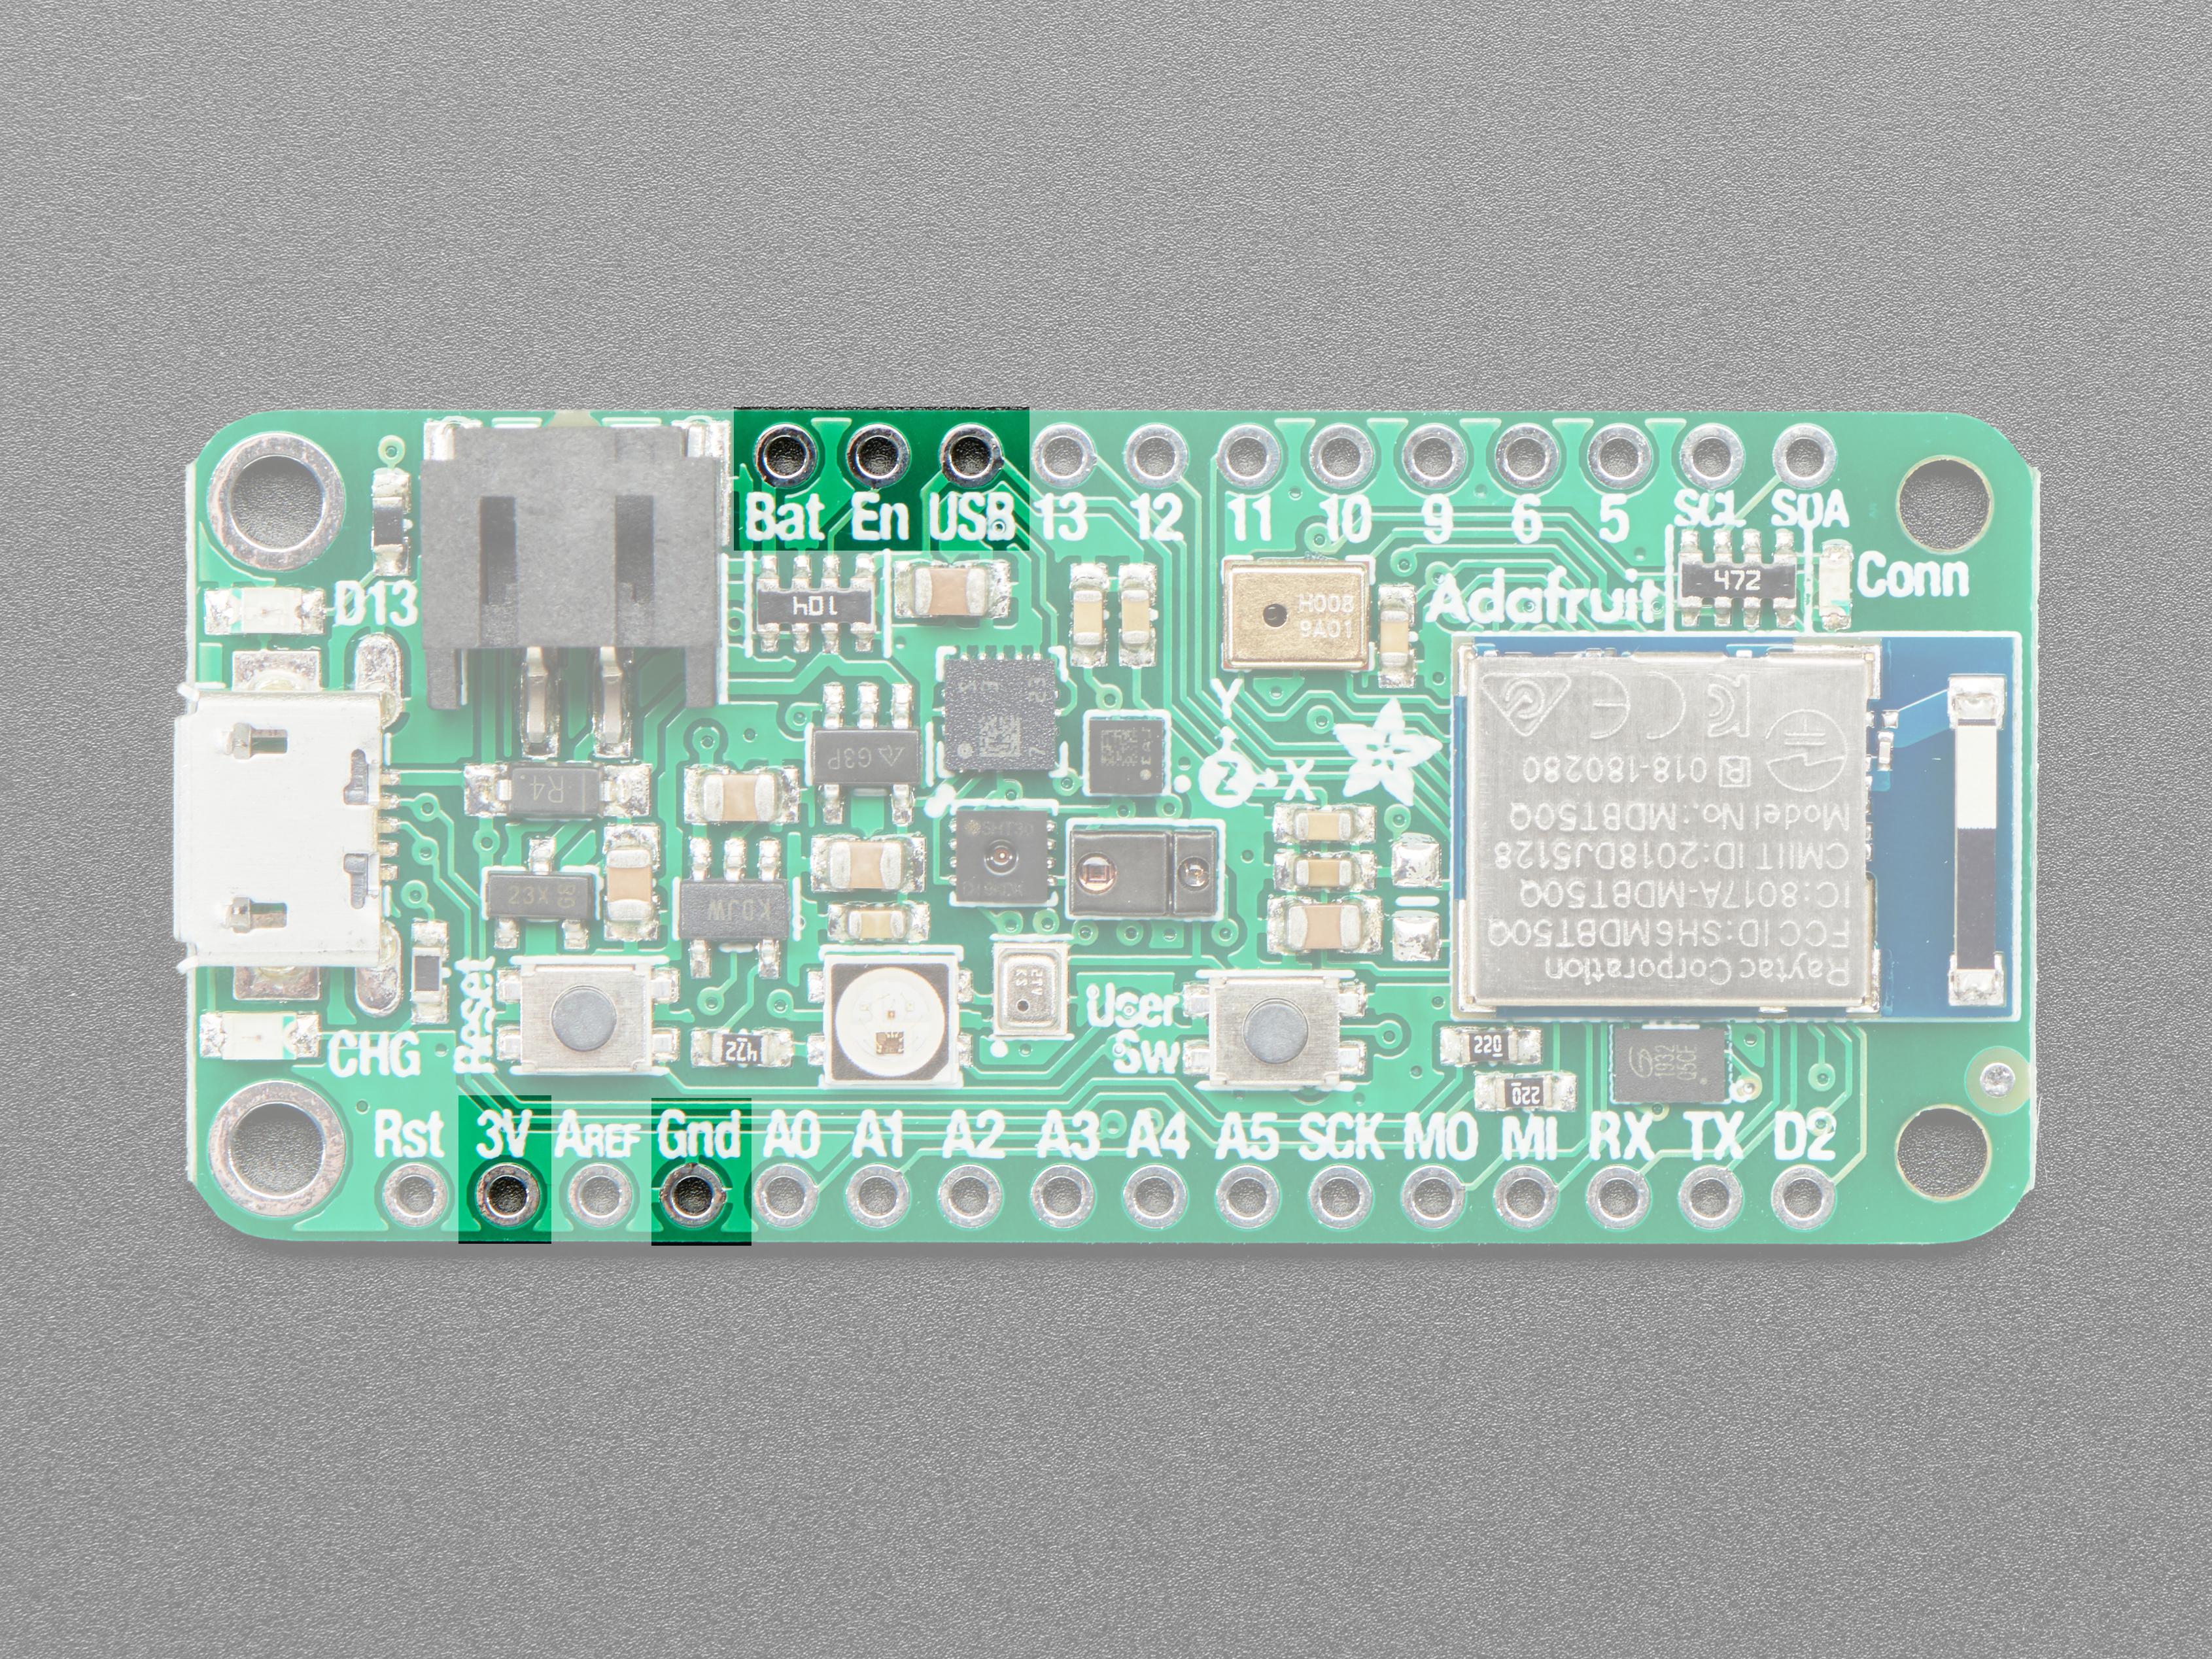 sensors_Feather_Sense_pinouts_power_pins.png